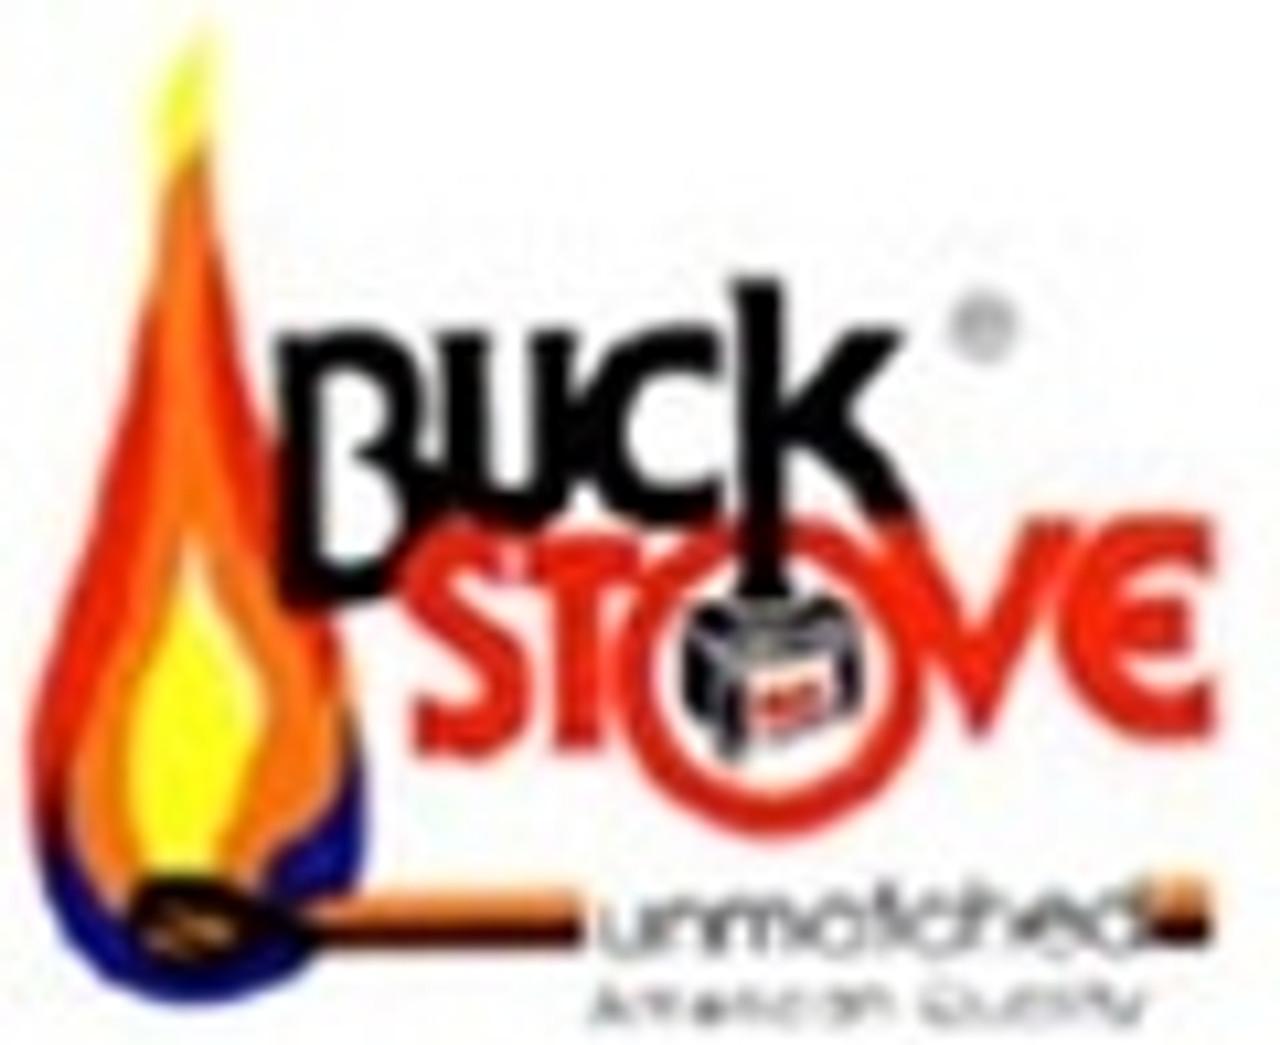 Buck Gas Parts